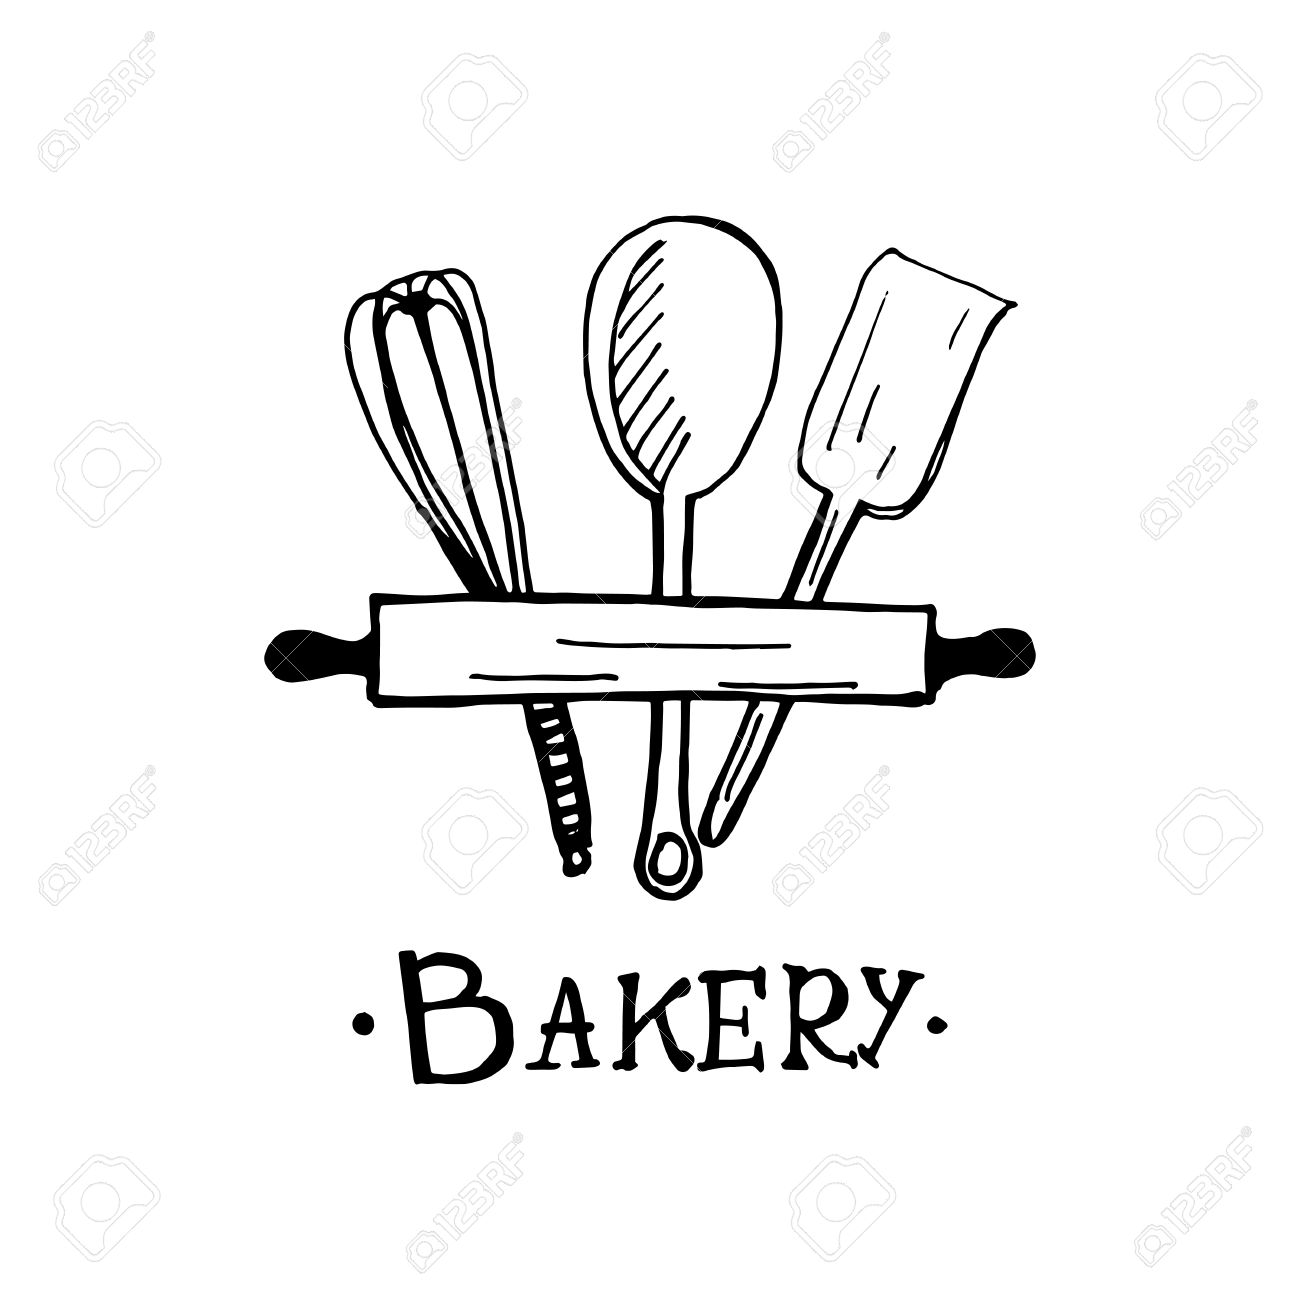 Bakery Logo Design An Idea For Cafe Bakeshop Maffin Shop